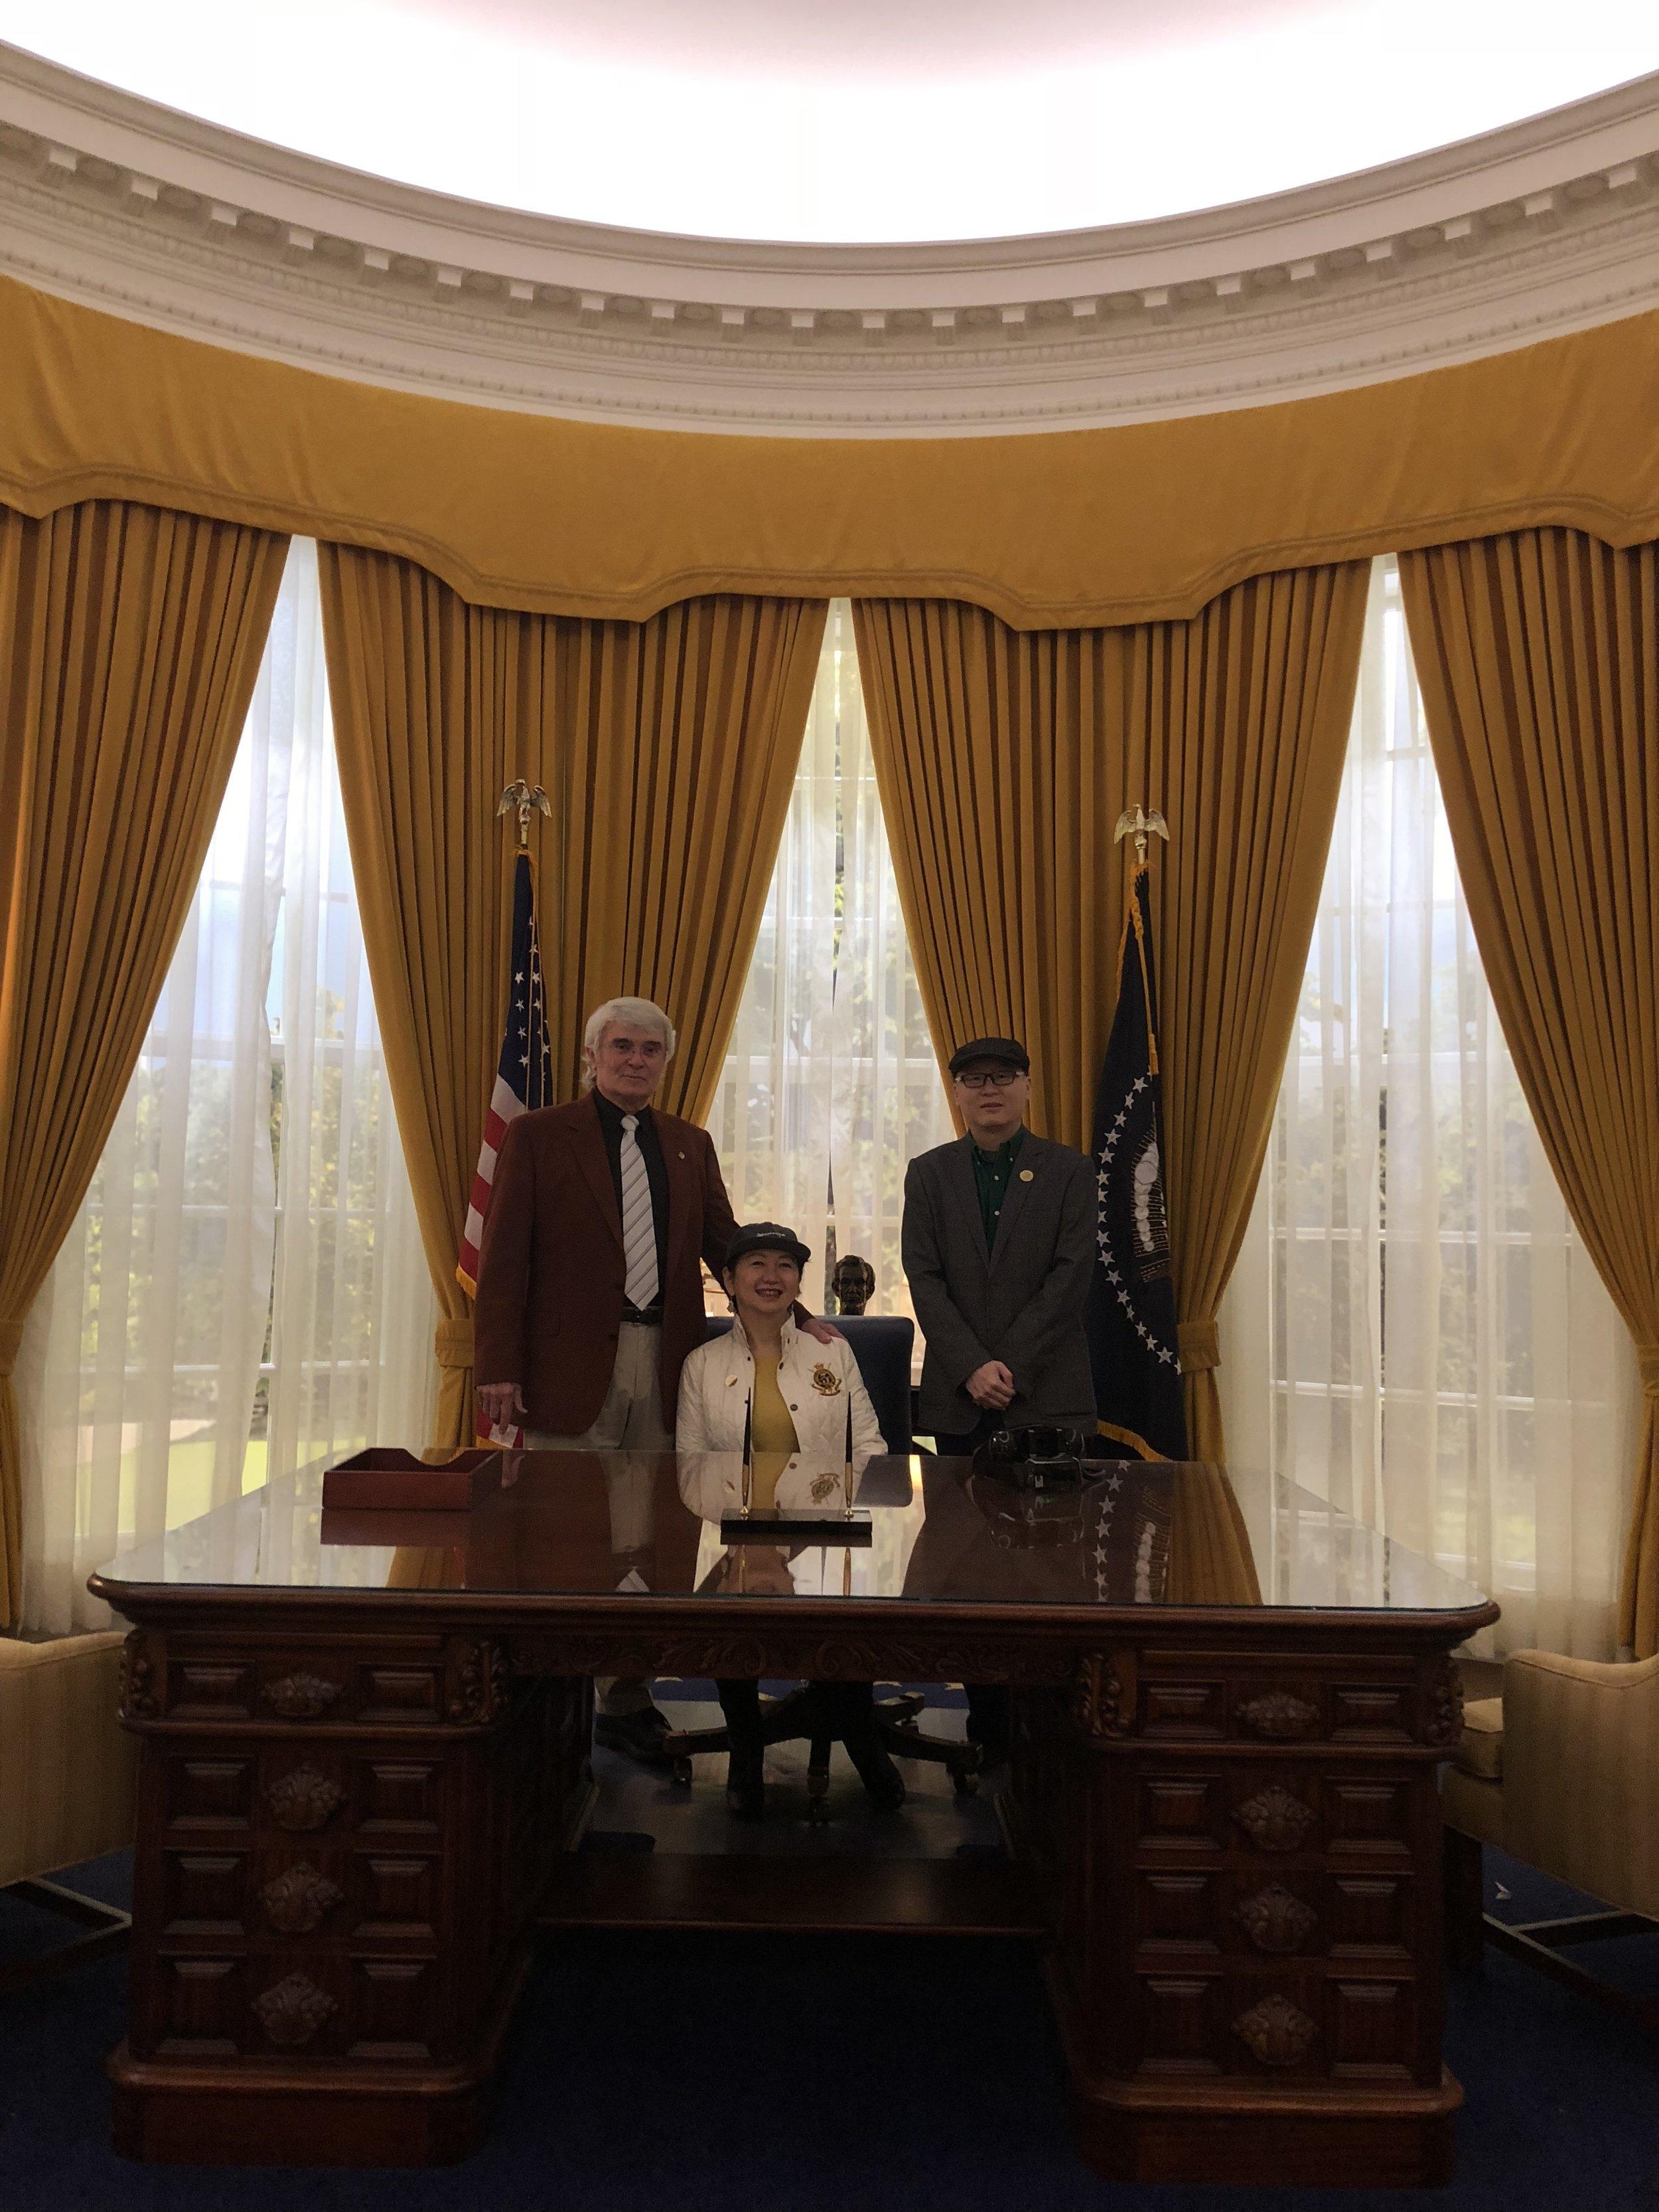 从左至右:唐纳德·尼克松,龚庭玉,邓介平